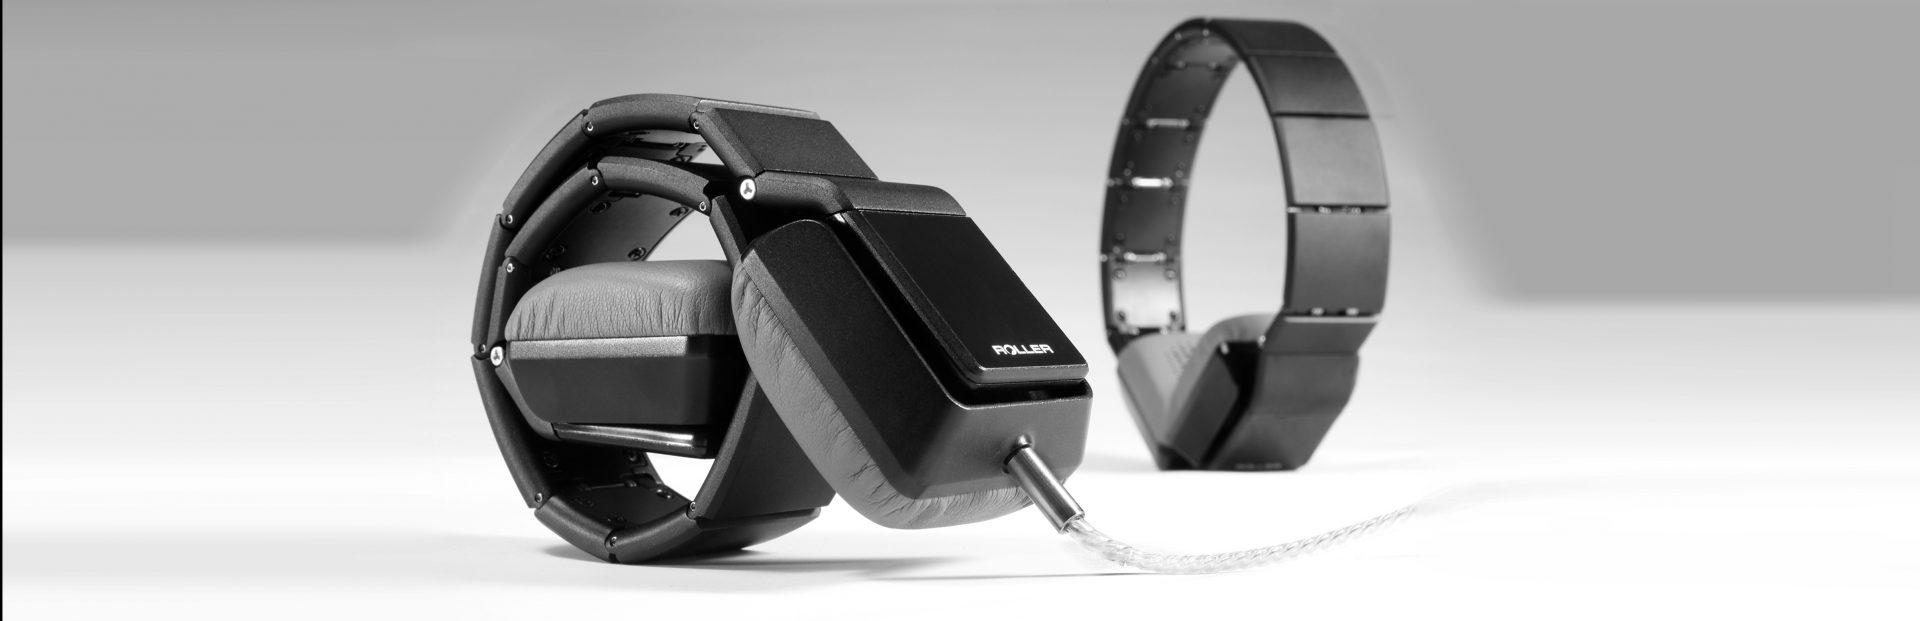 TT321 ROLLER MK01B BLACK